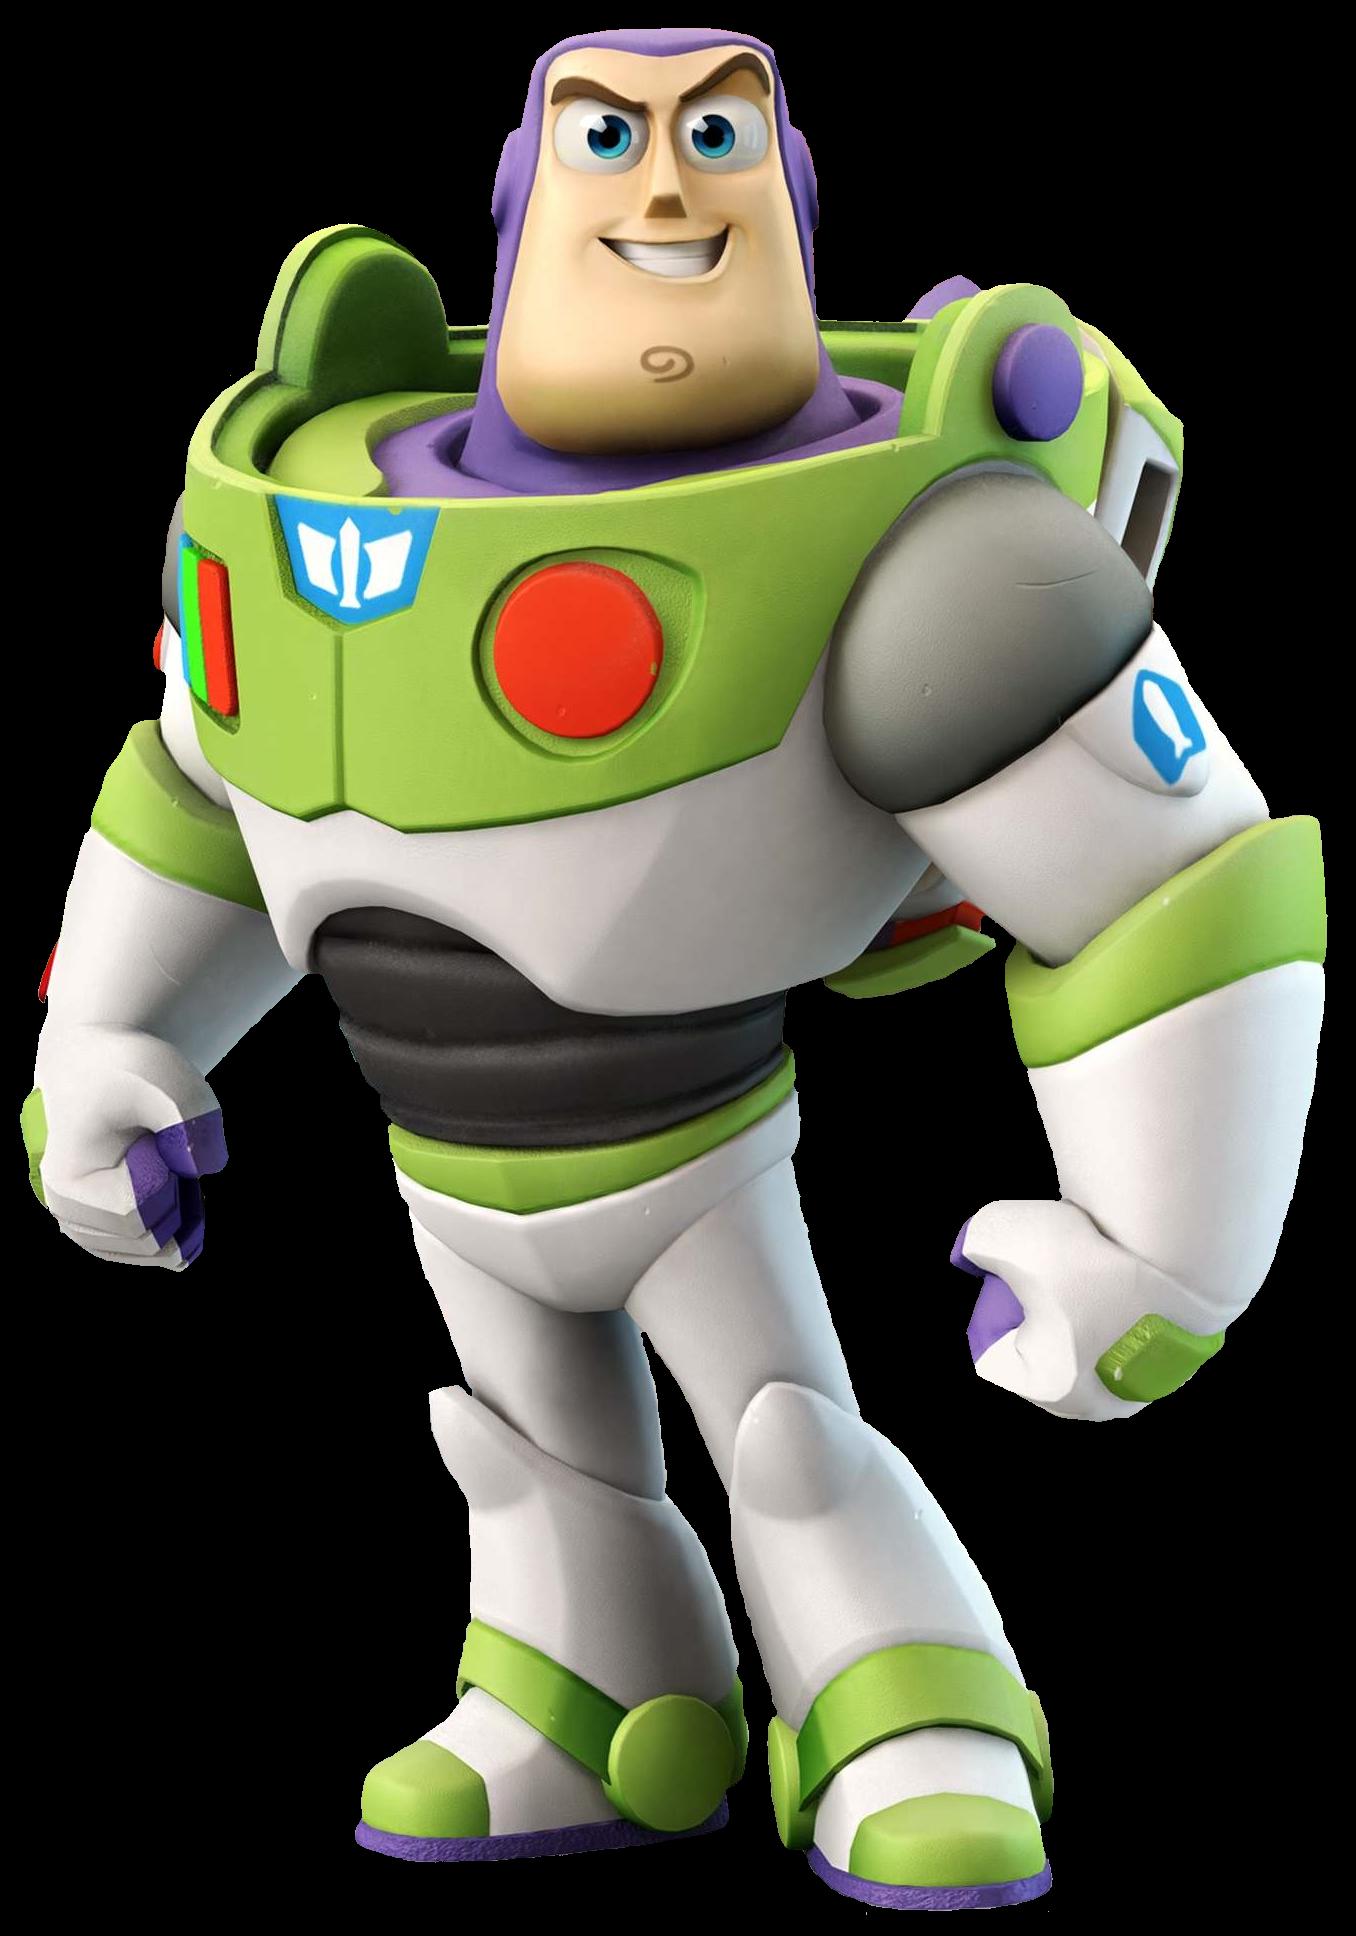 Buzz Lightyear Disney Infinity Toy Story Characters Buzz Lightyear